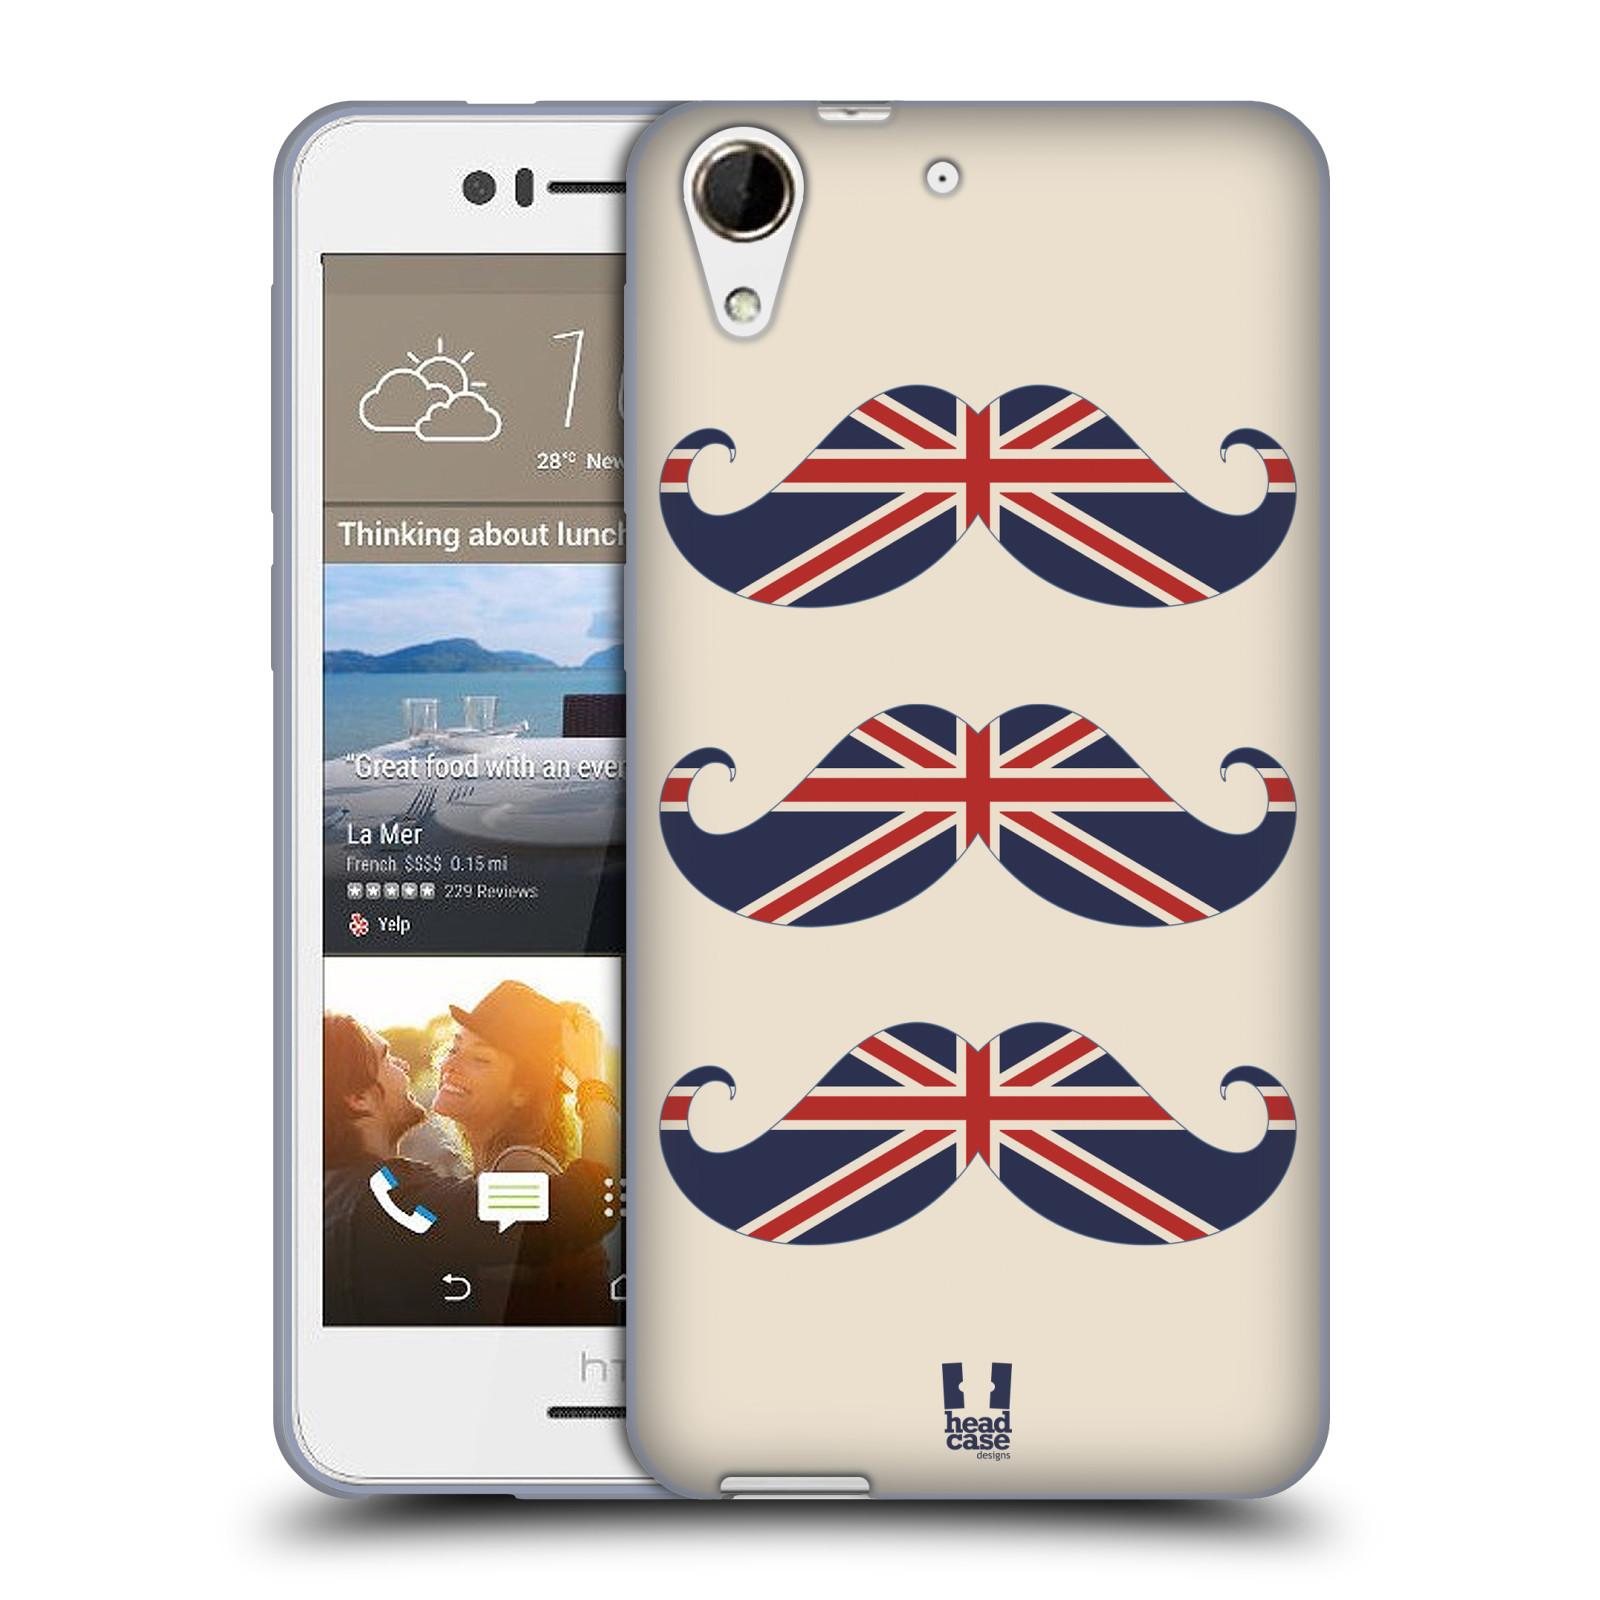 Silikonové pouzdro na mobil HTC Desire 728G Dual SIM HEAD CASE BRITSKÉ KNÍRY (Silikonový kryt či obal na mobilní telefon HTC Desire 728 G Dual SIM)